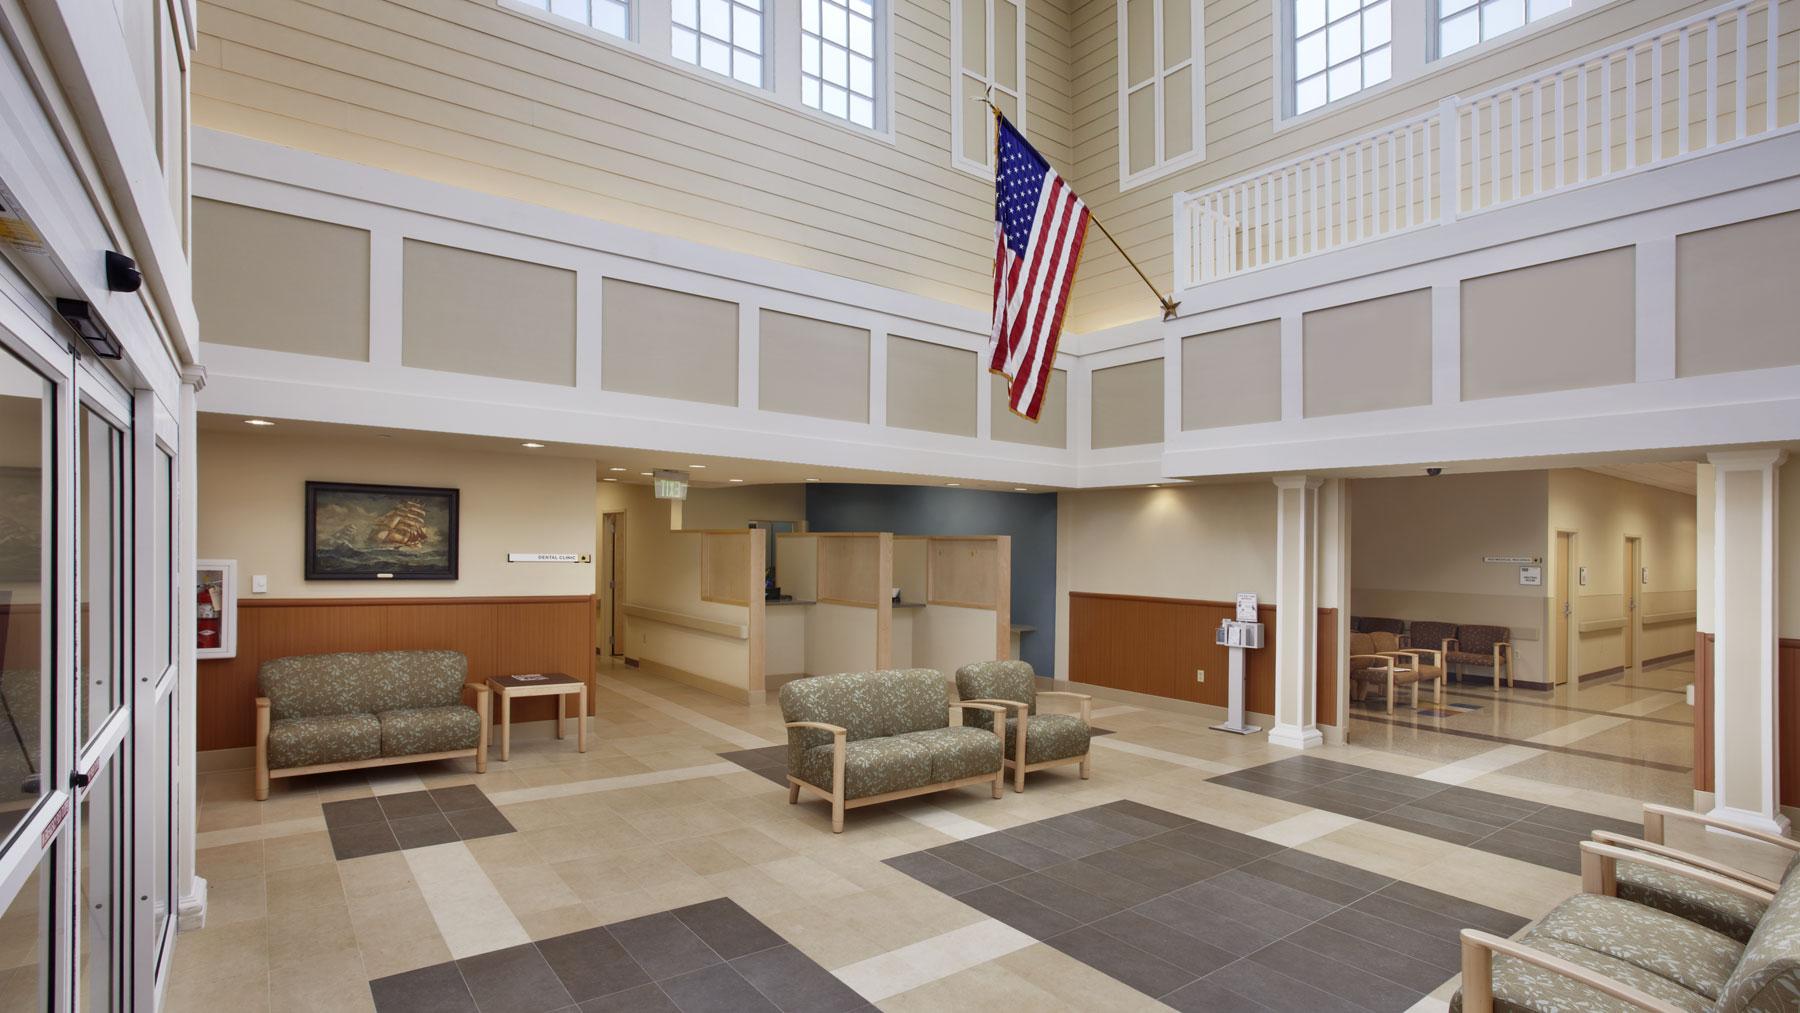 Summerfield VA Clinic